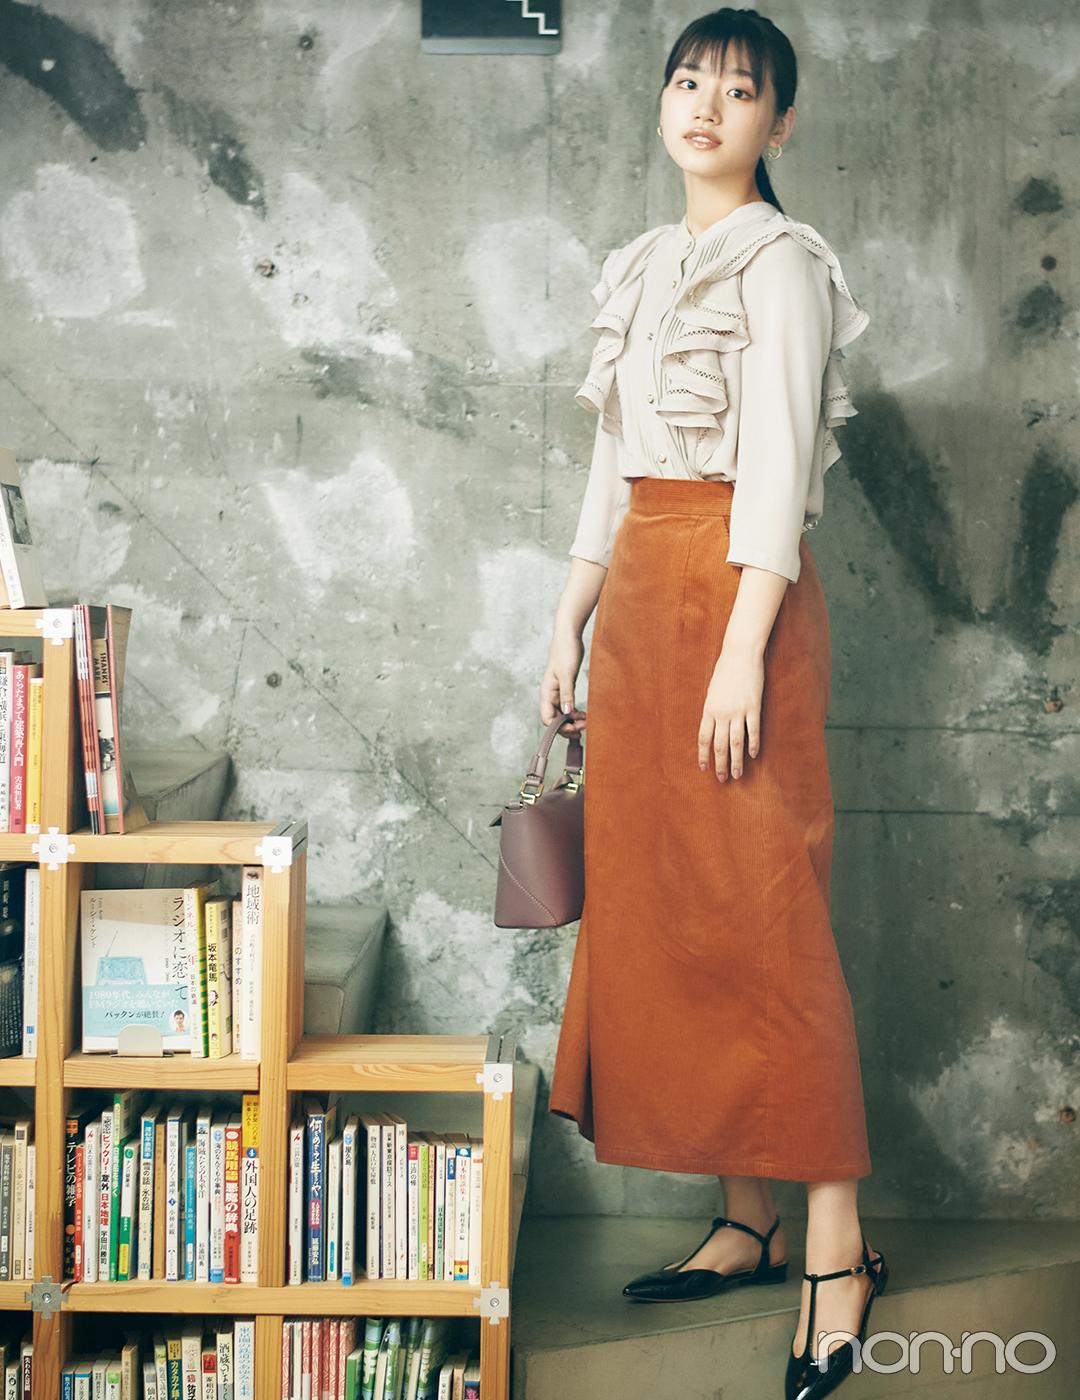 たっぷりフリルのブラウスと秋色スカートでおめかしコーデ【毎日コーデ】